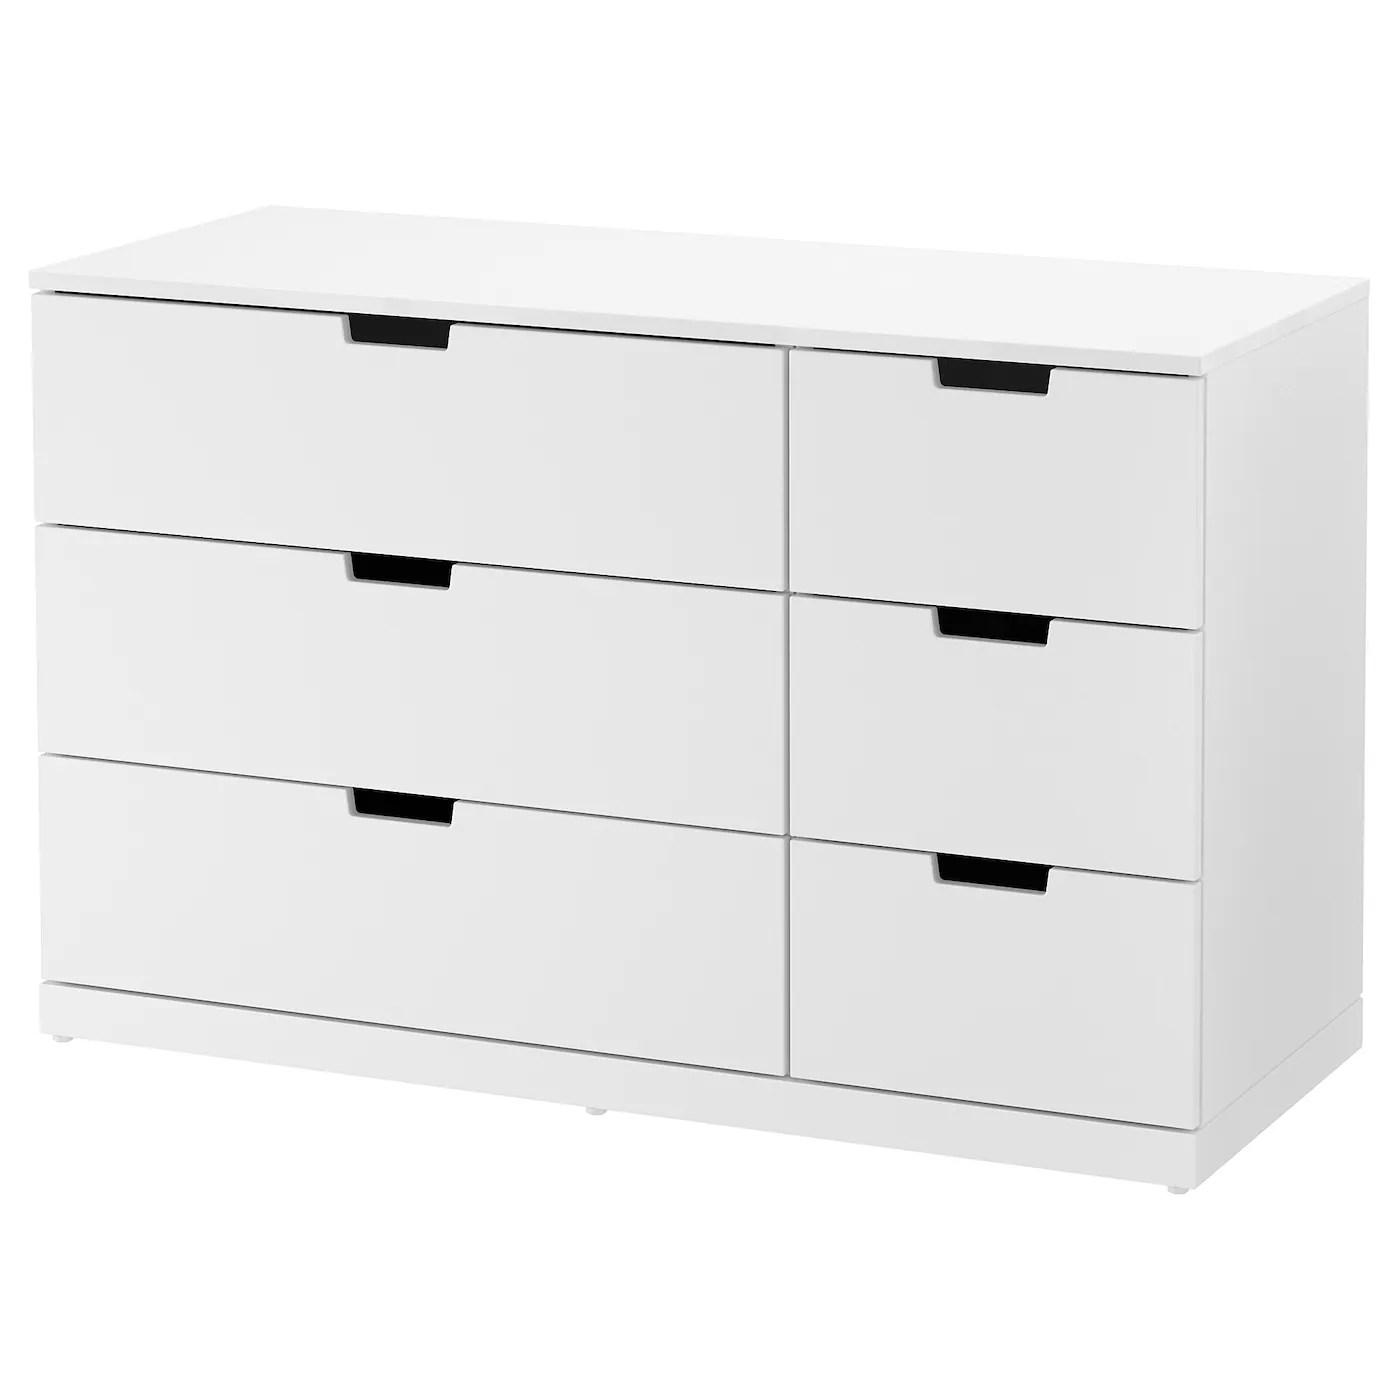 nordli commode a 6 tiroirs blanc 47 1 4x29 7 8 120x76 cm